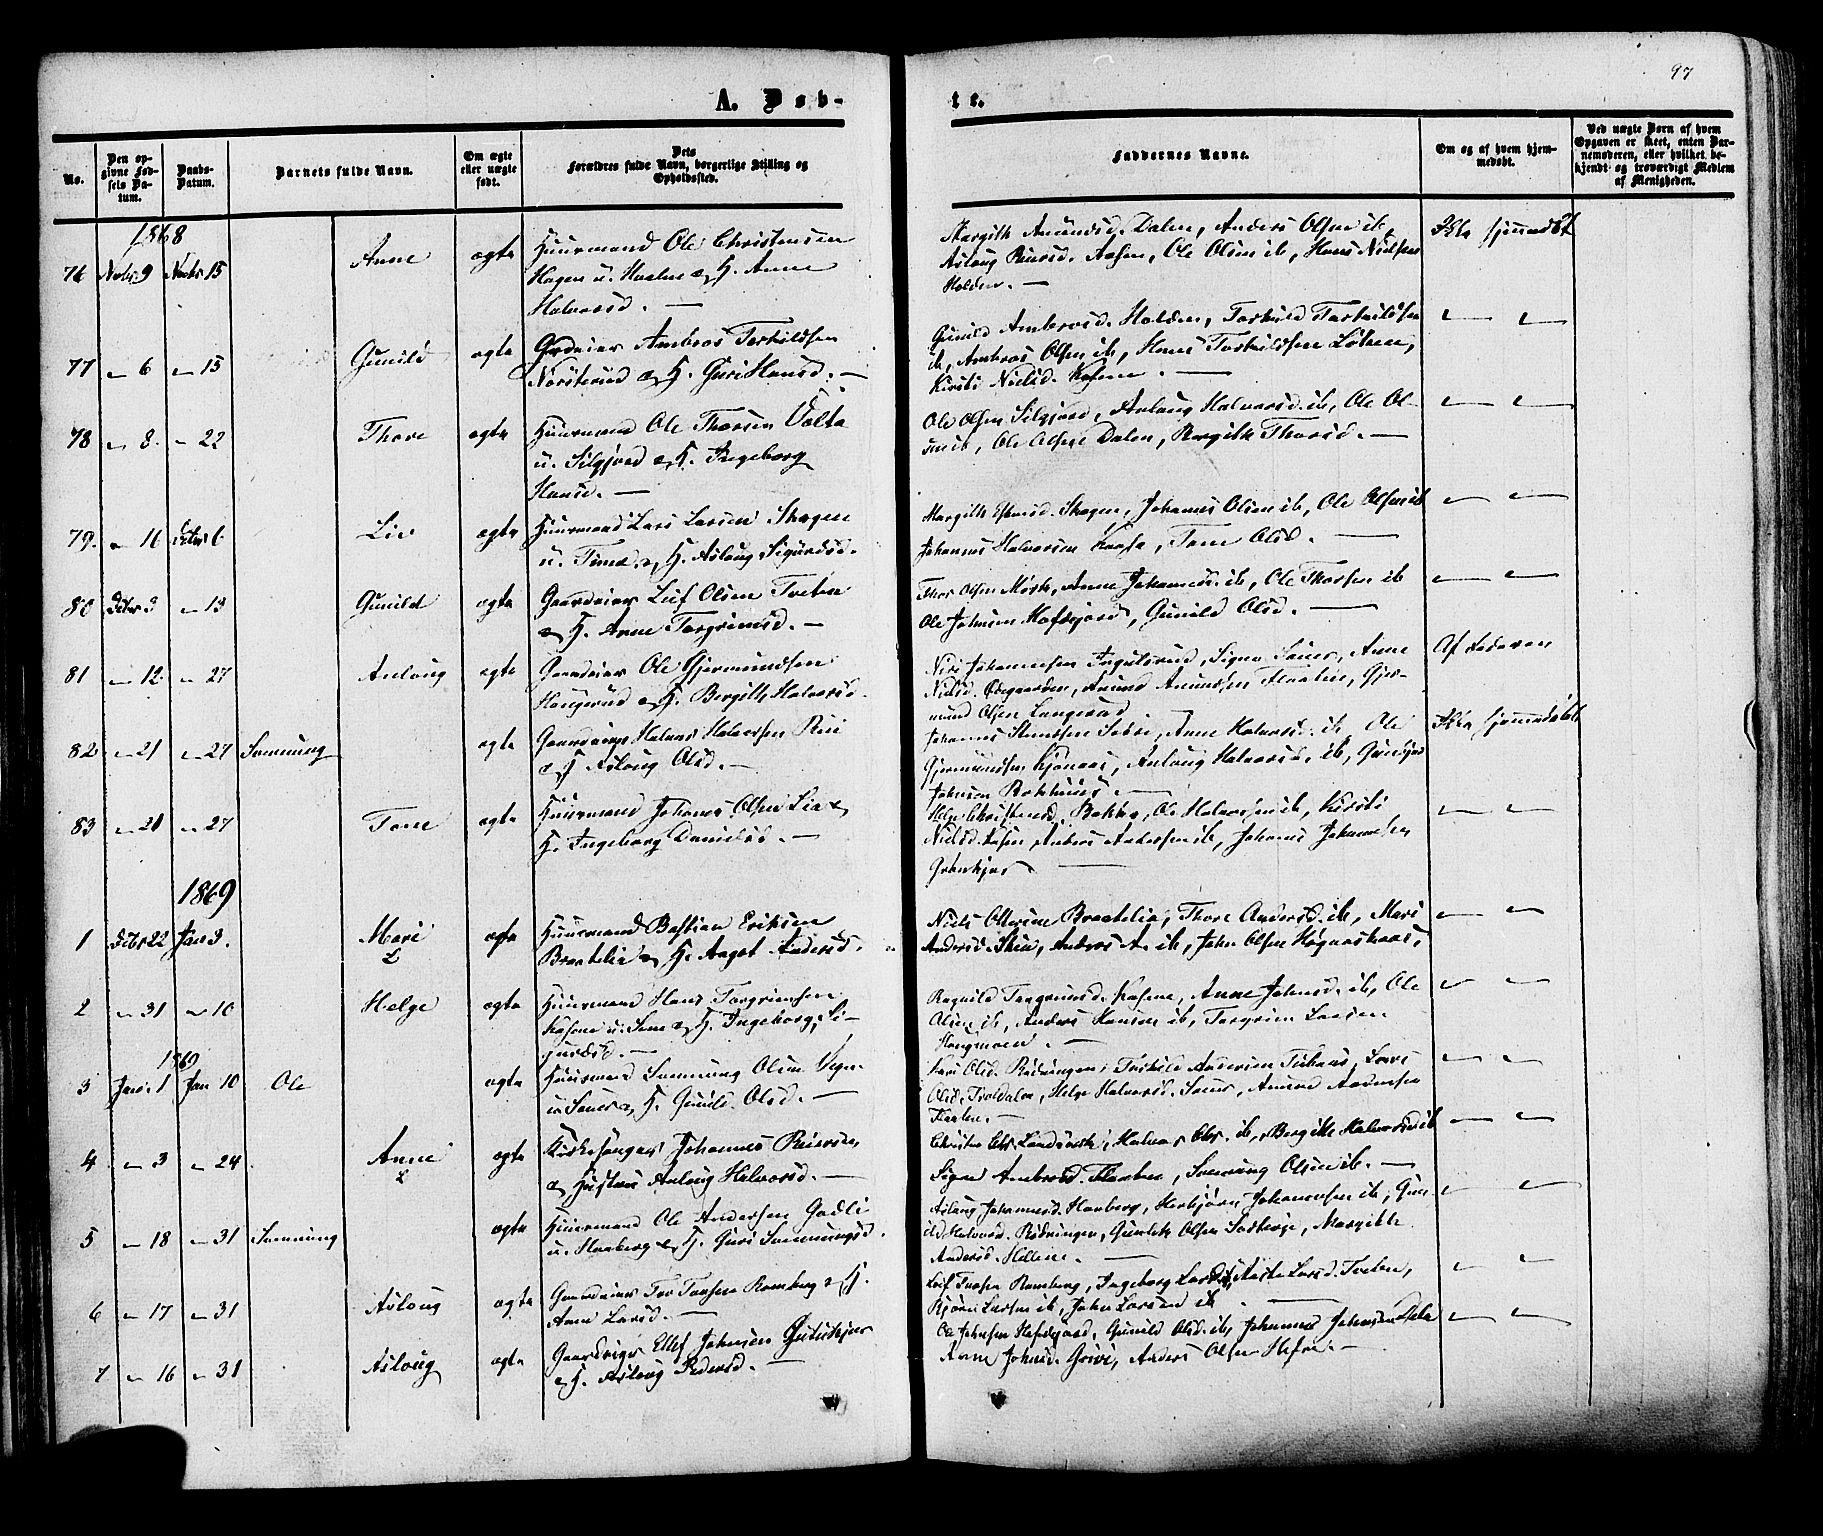 SAKO, Heddal kirkebøker, F/Fa/L0007: Ministerialbok nr. I 7, 1855-1877, s. 97